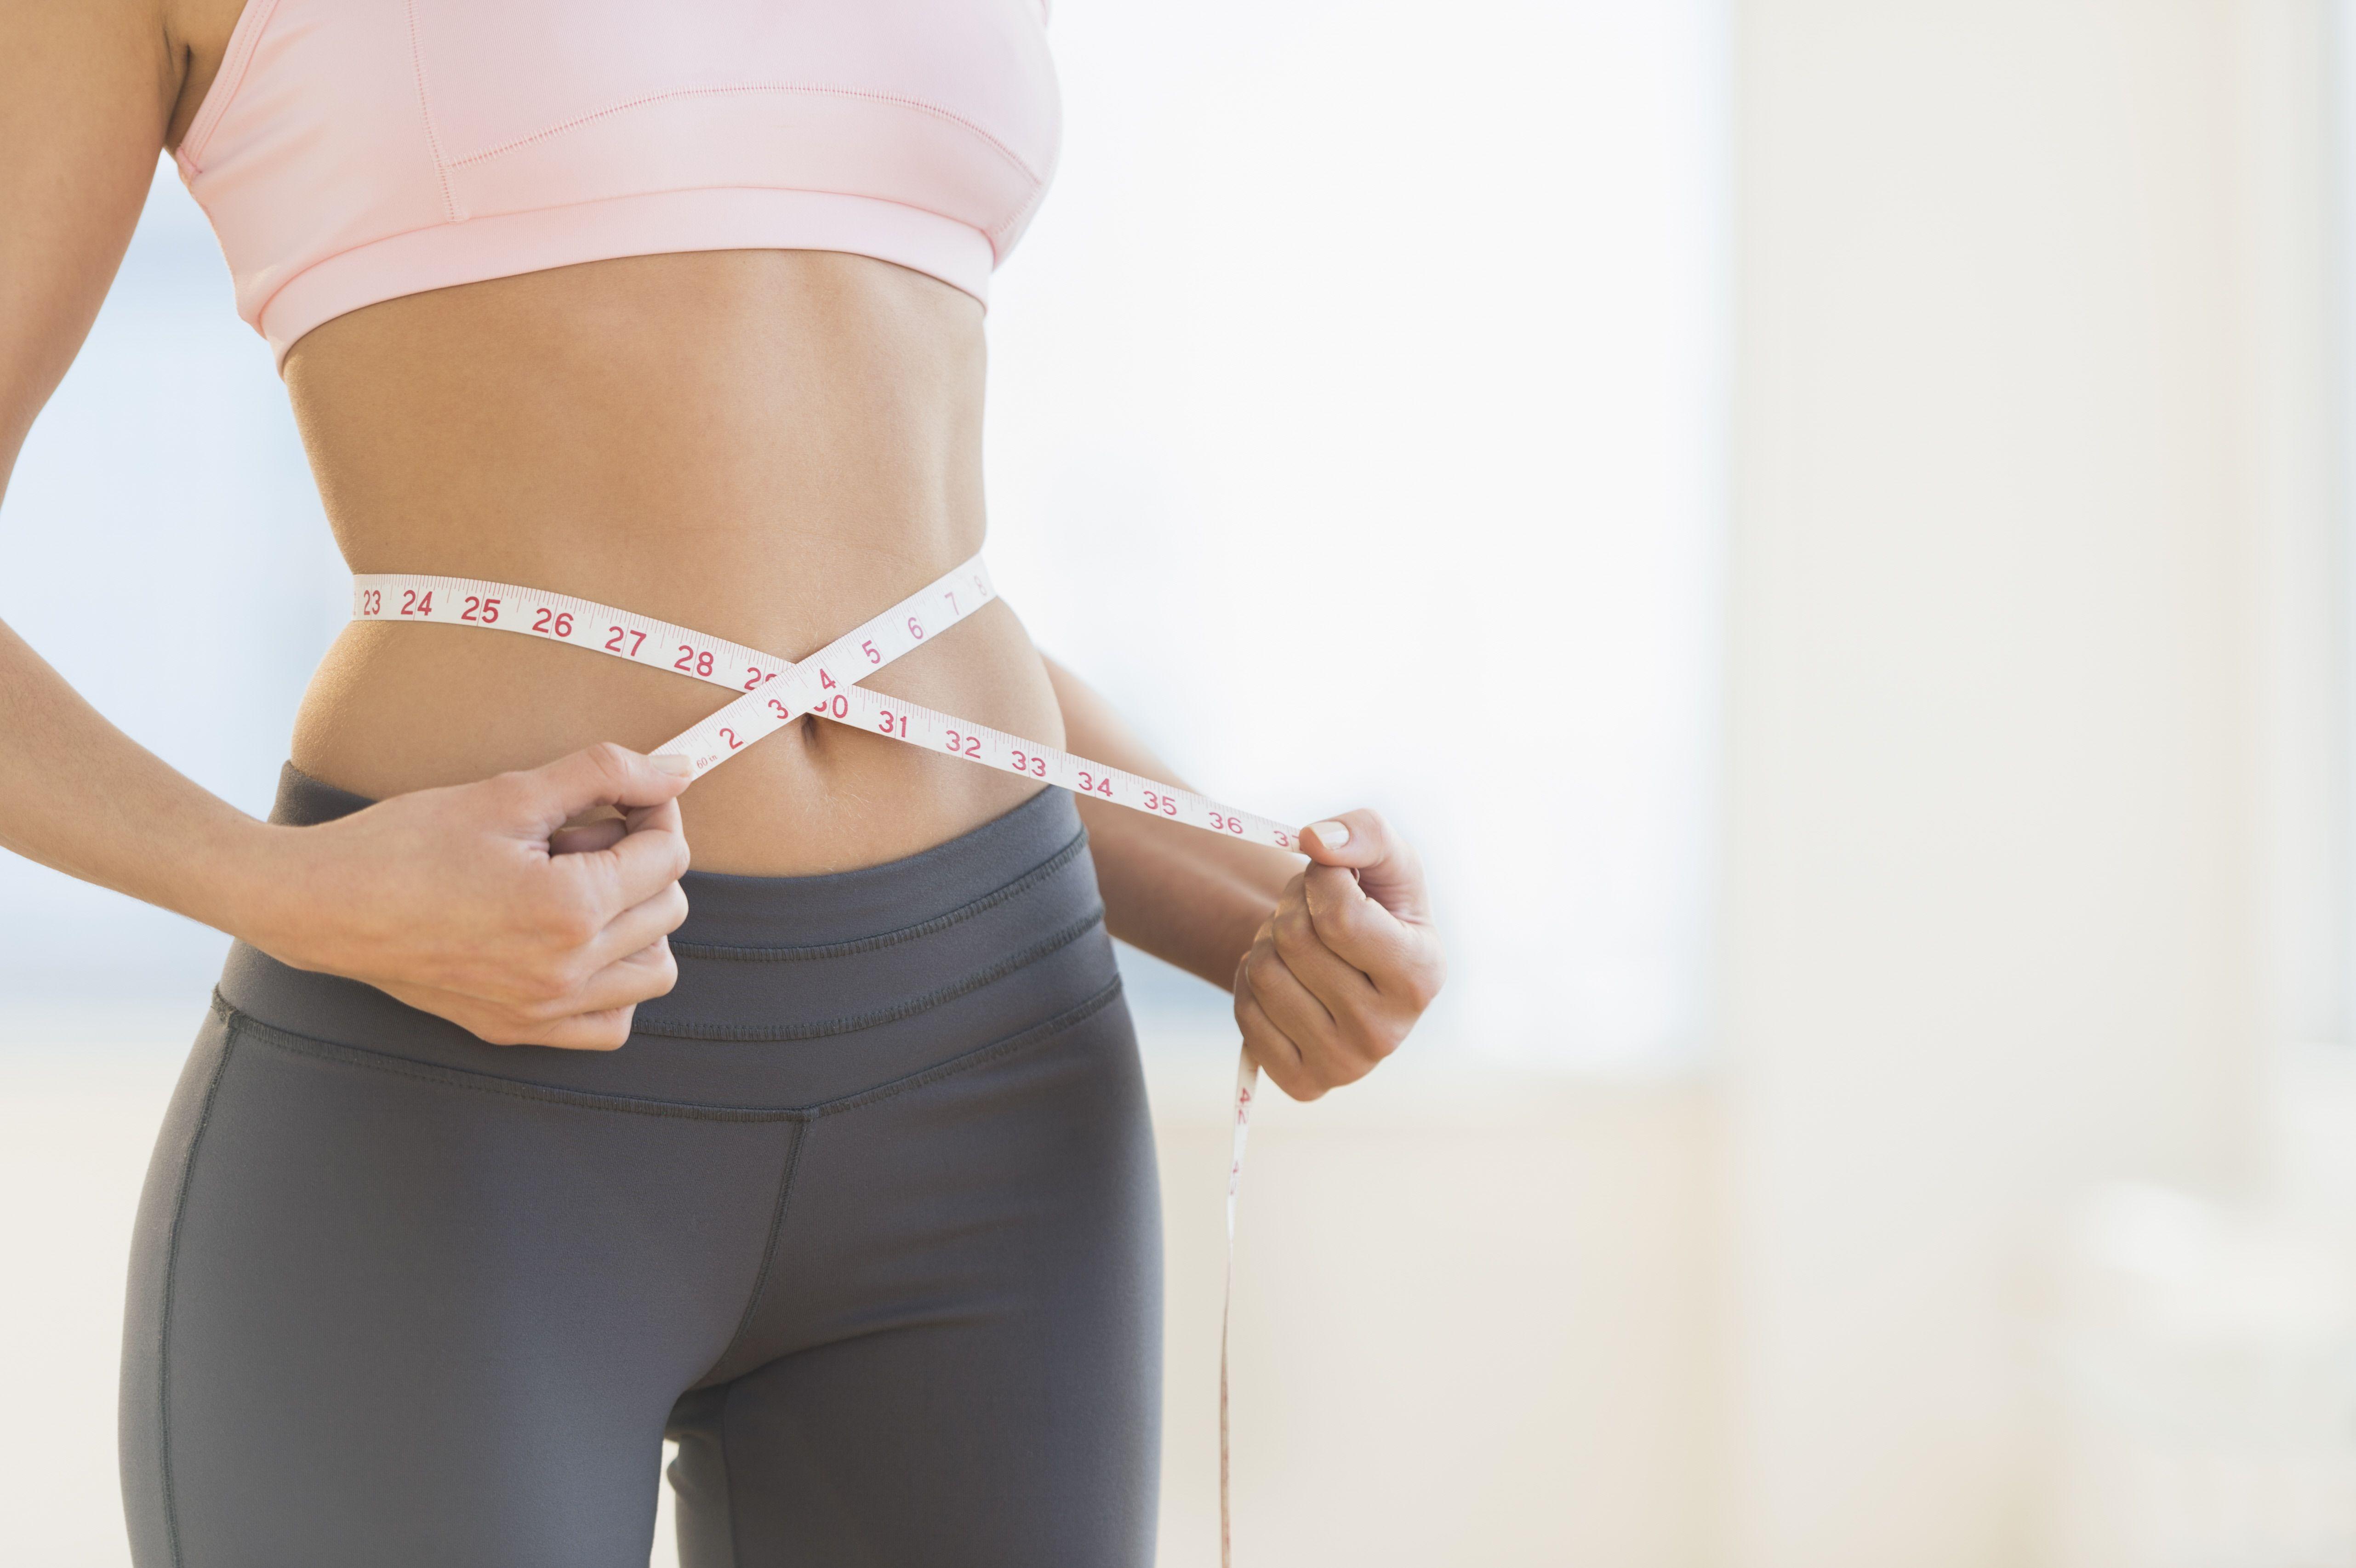 Dieta Para Perder Tripa Cómo Perder Tripa Rápidamente